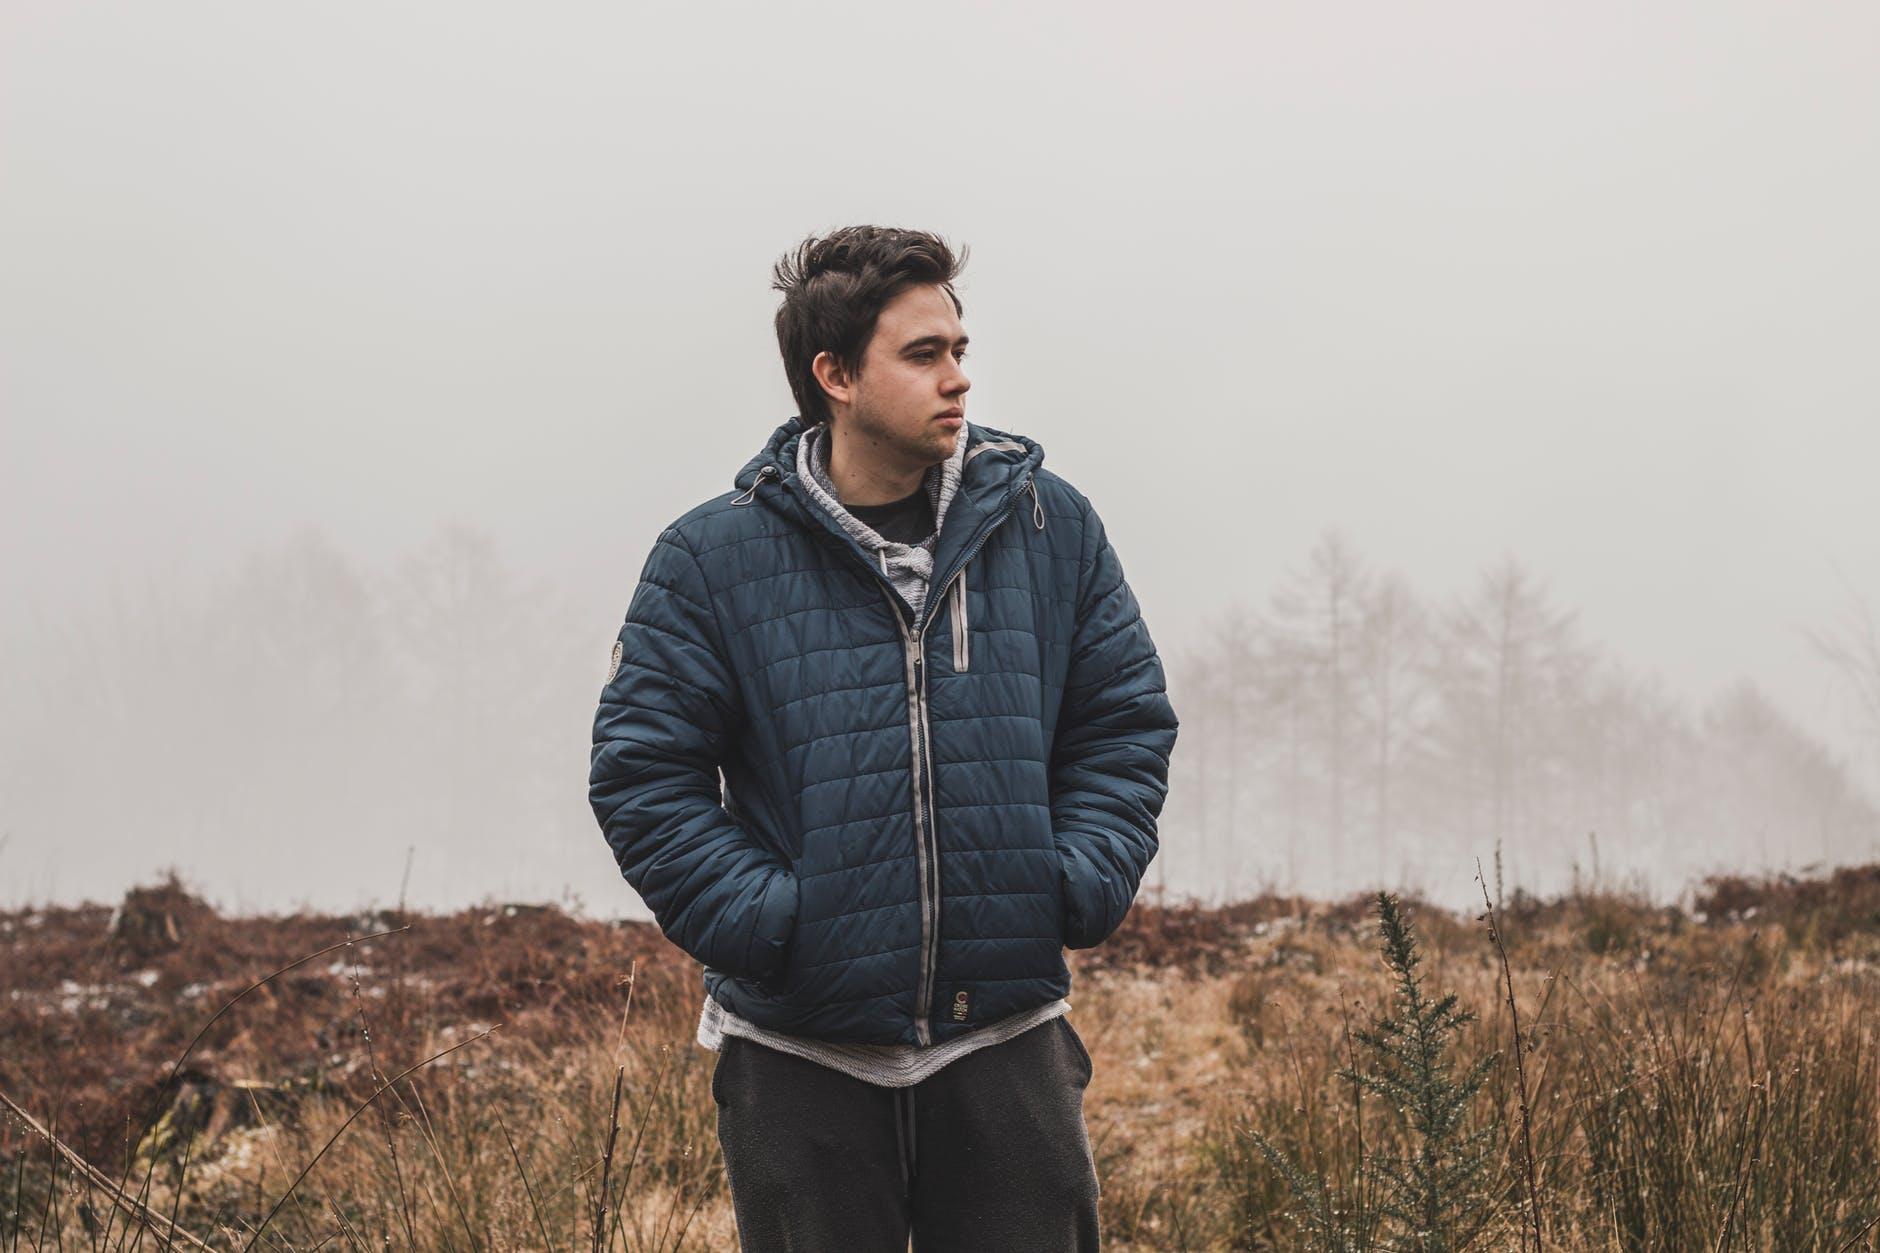 man wearing black zip up hooded jacket standing